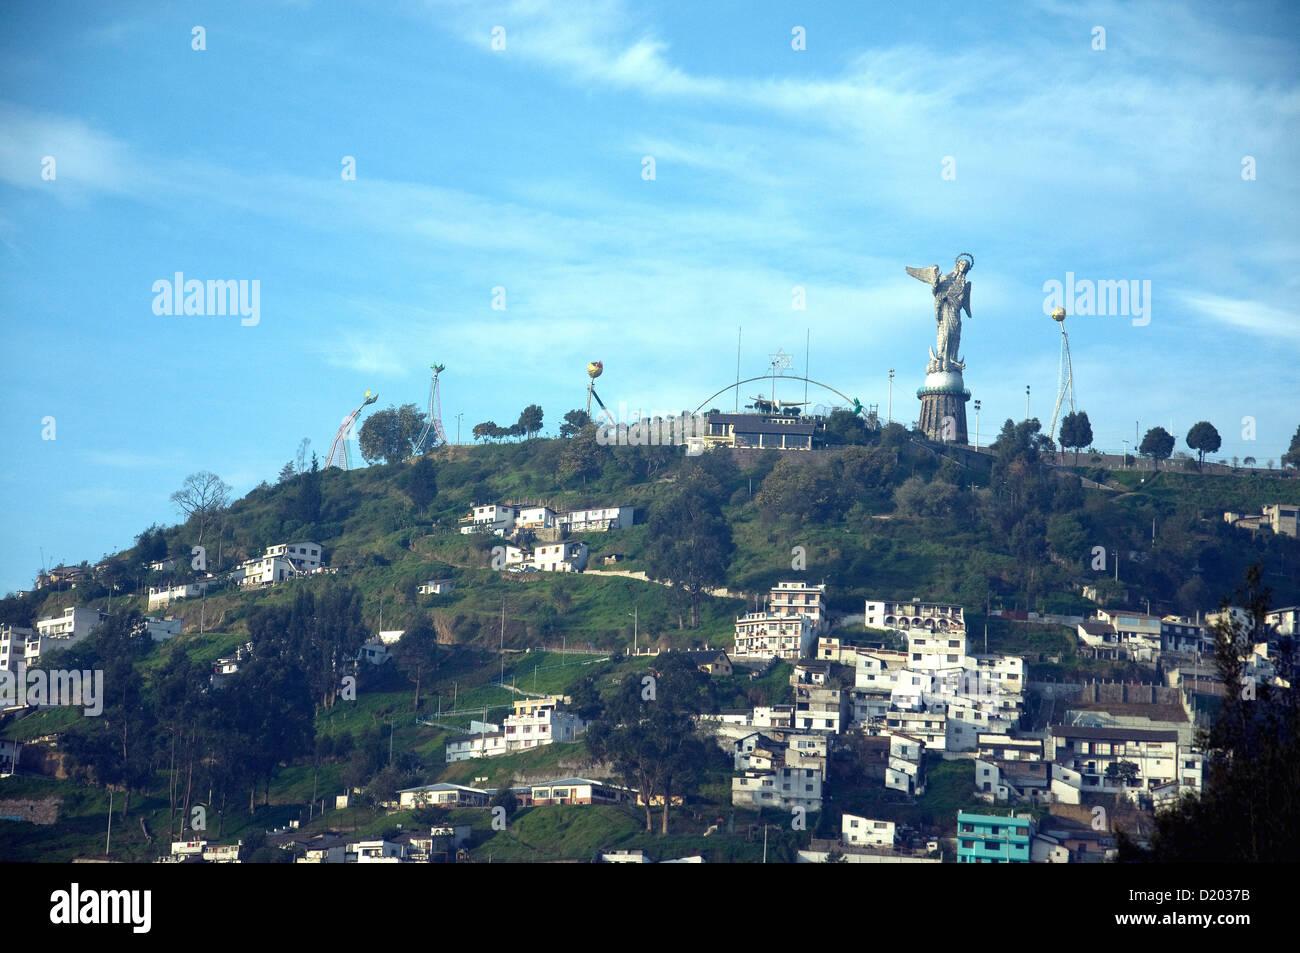 La Virgen del Panecillo, eine geflügelte Jungfrau oder Madonna-Figur sitzt auf einem Hügel am Rande der Quiito Ecuadors Stockfoto